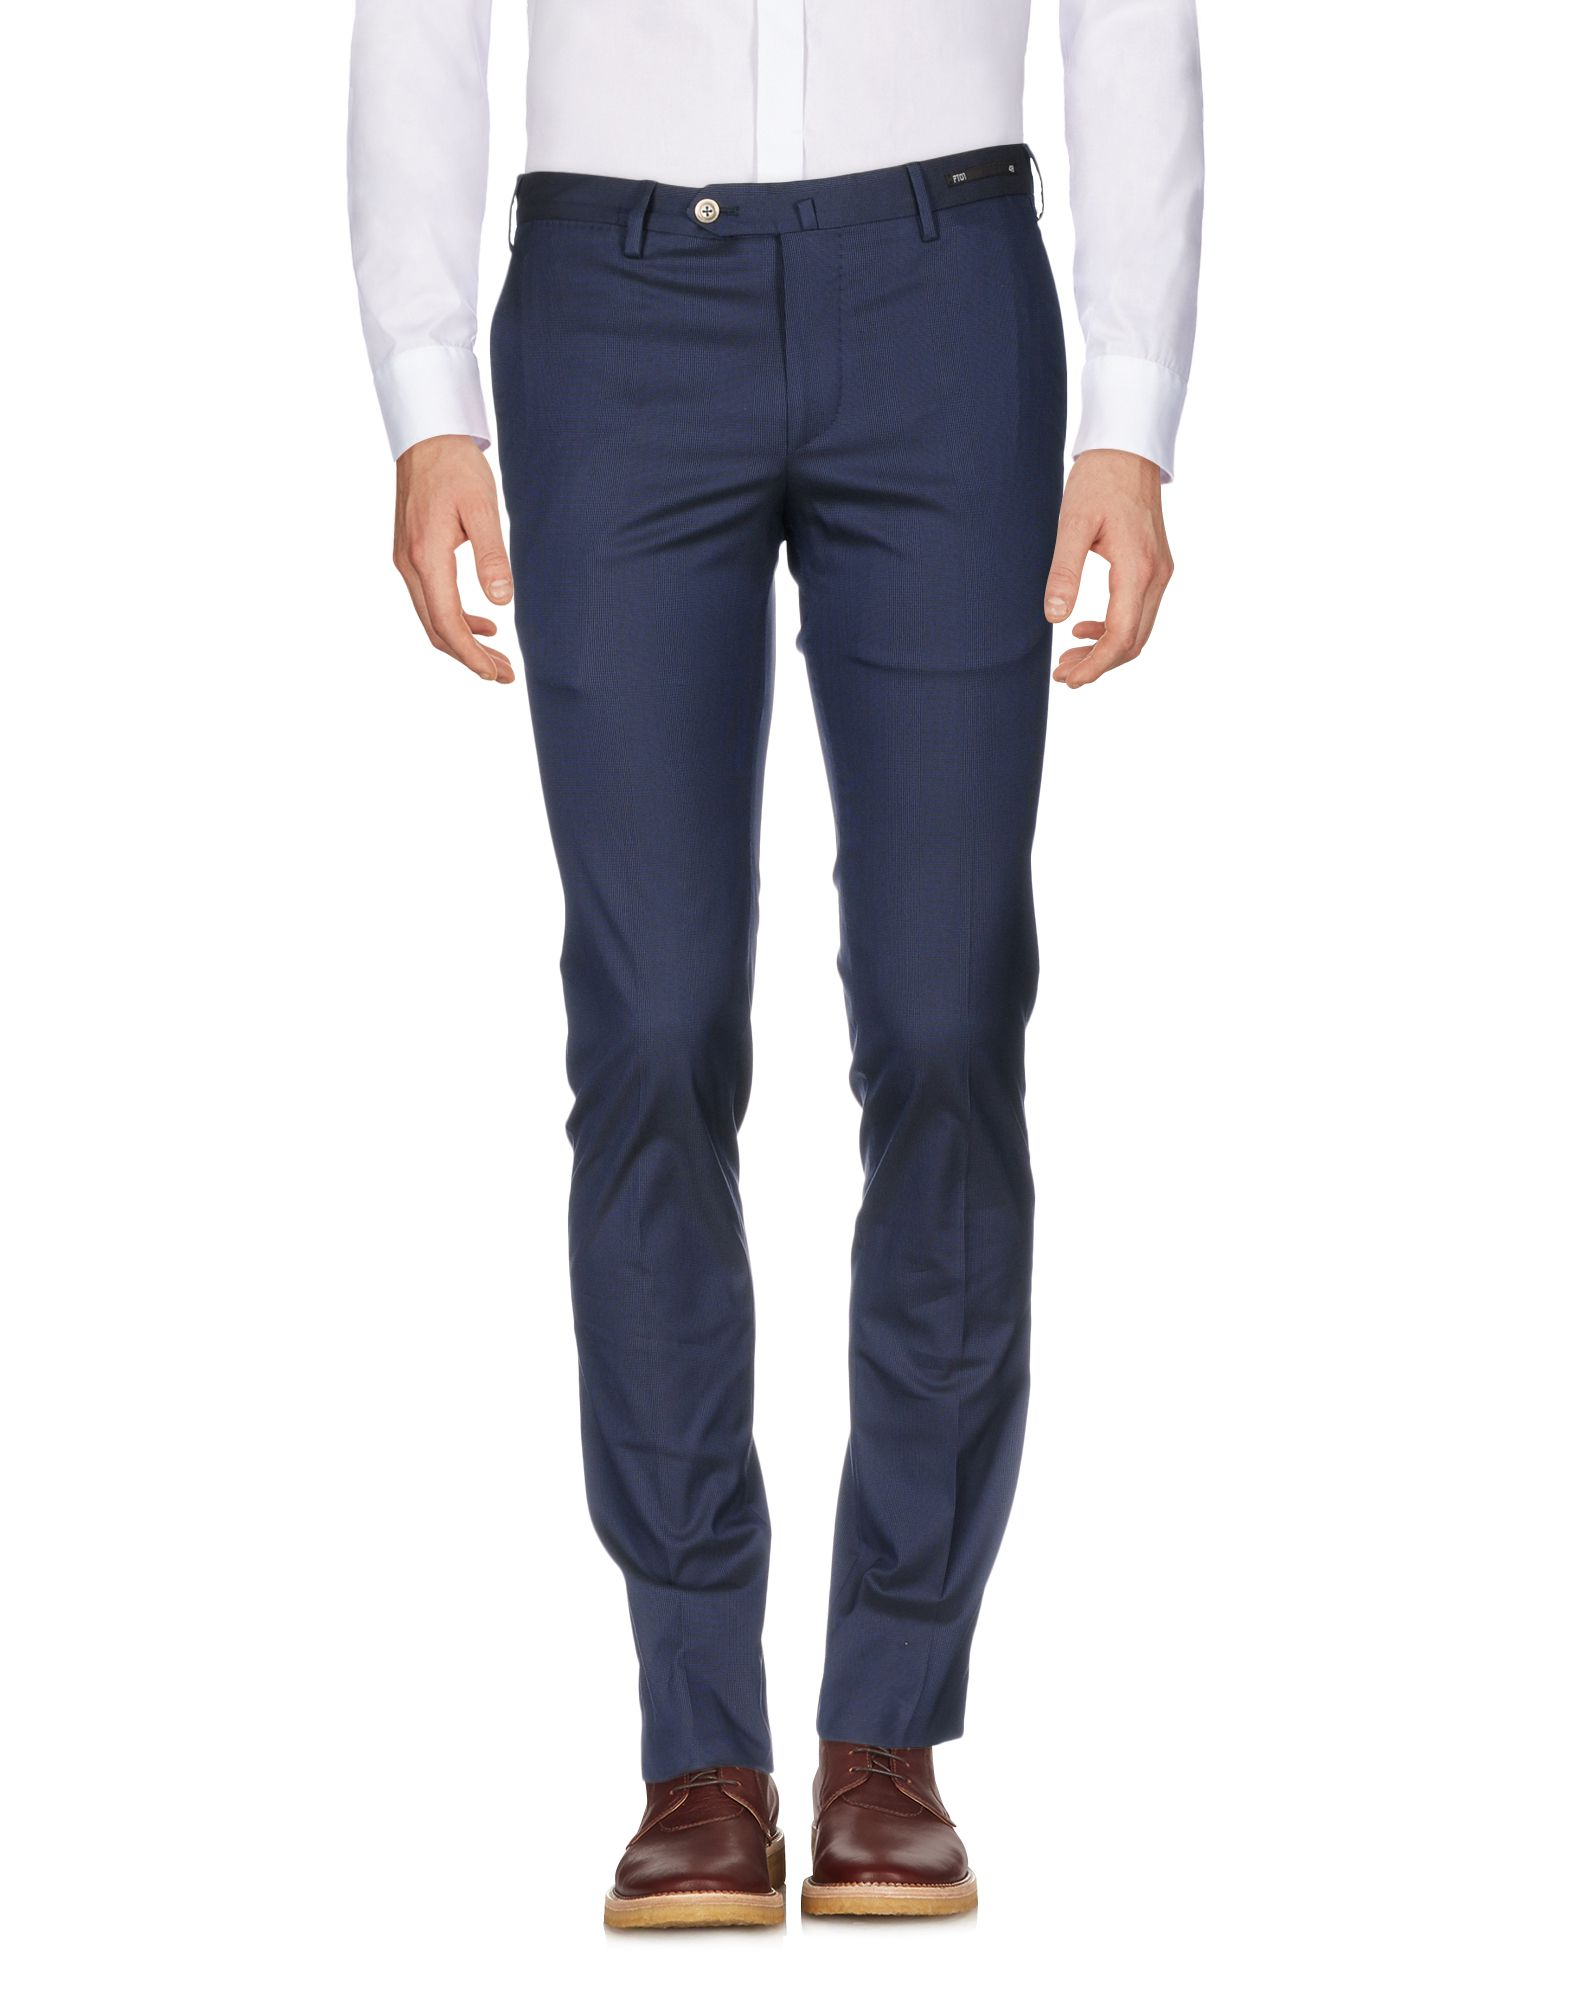 Pantalone Pt01 uomo uomo uomo - 13142475CB e36